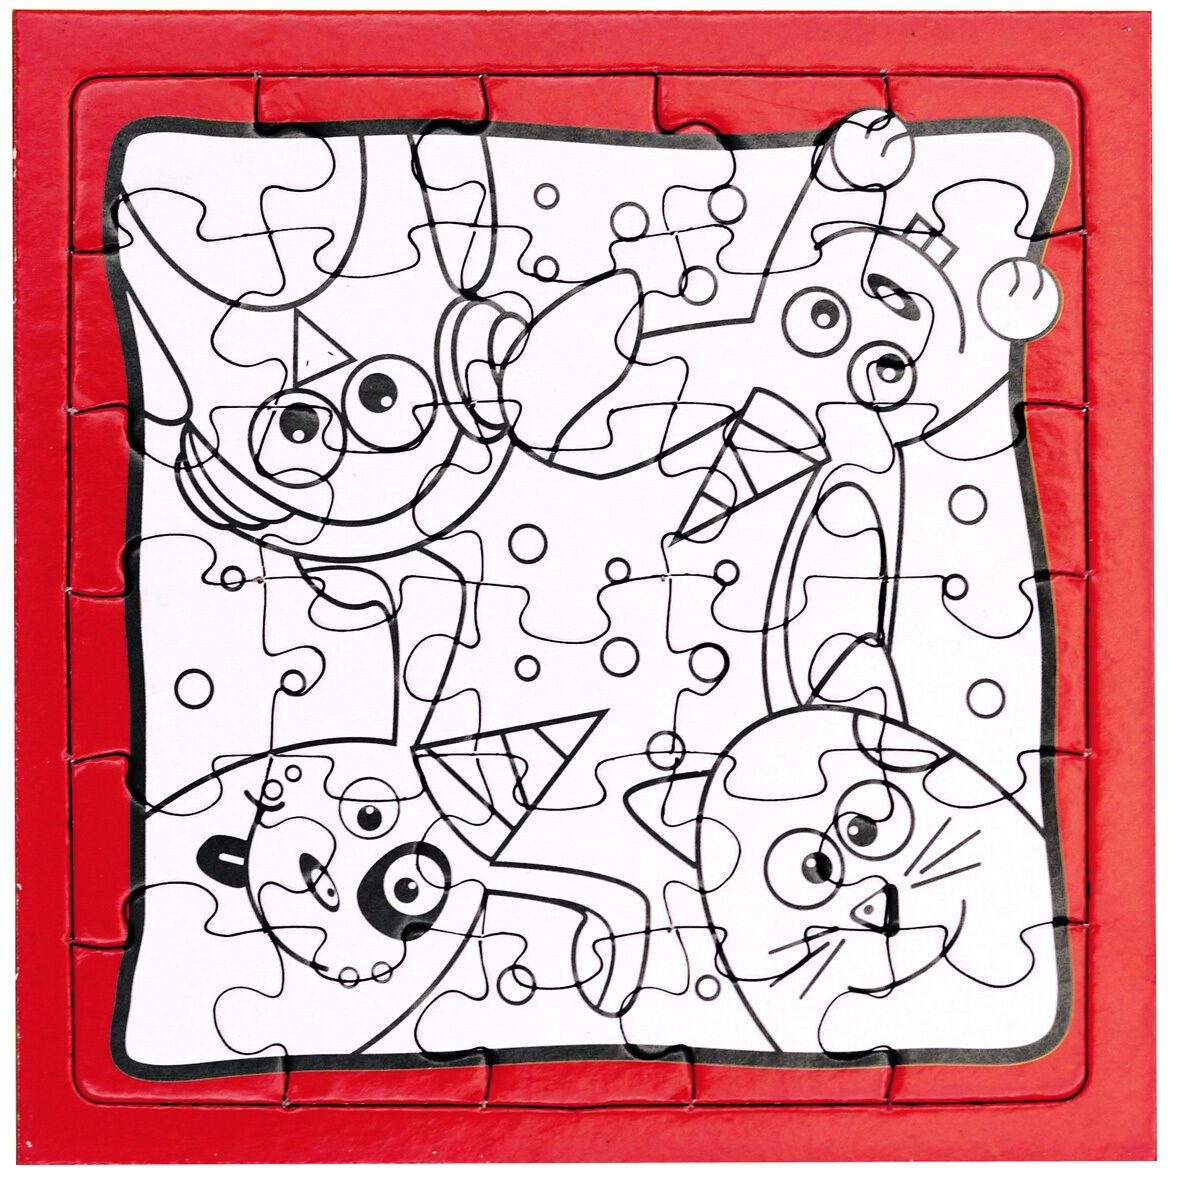 Details Zu Puzzle Zum Ausmalen Kinder Tier Motive Kindergeburtstag Basteln  Malen Mitgebsel innen Puzzle Zum Ausmalen